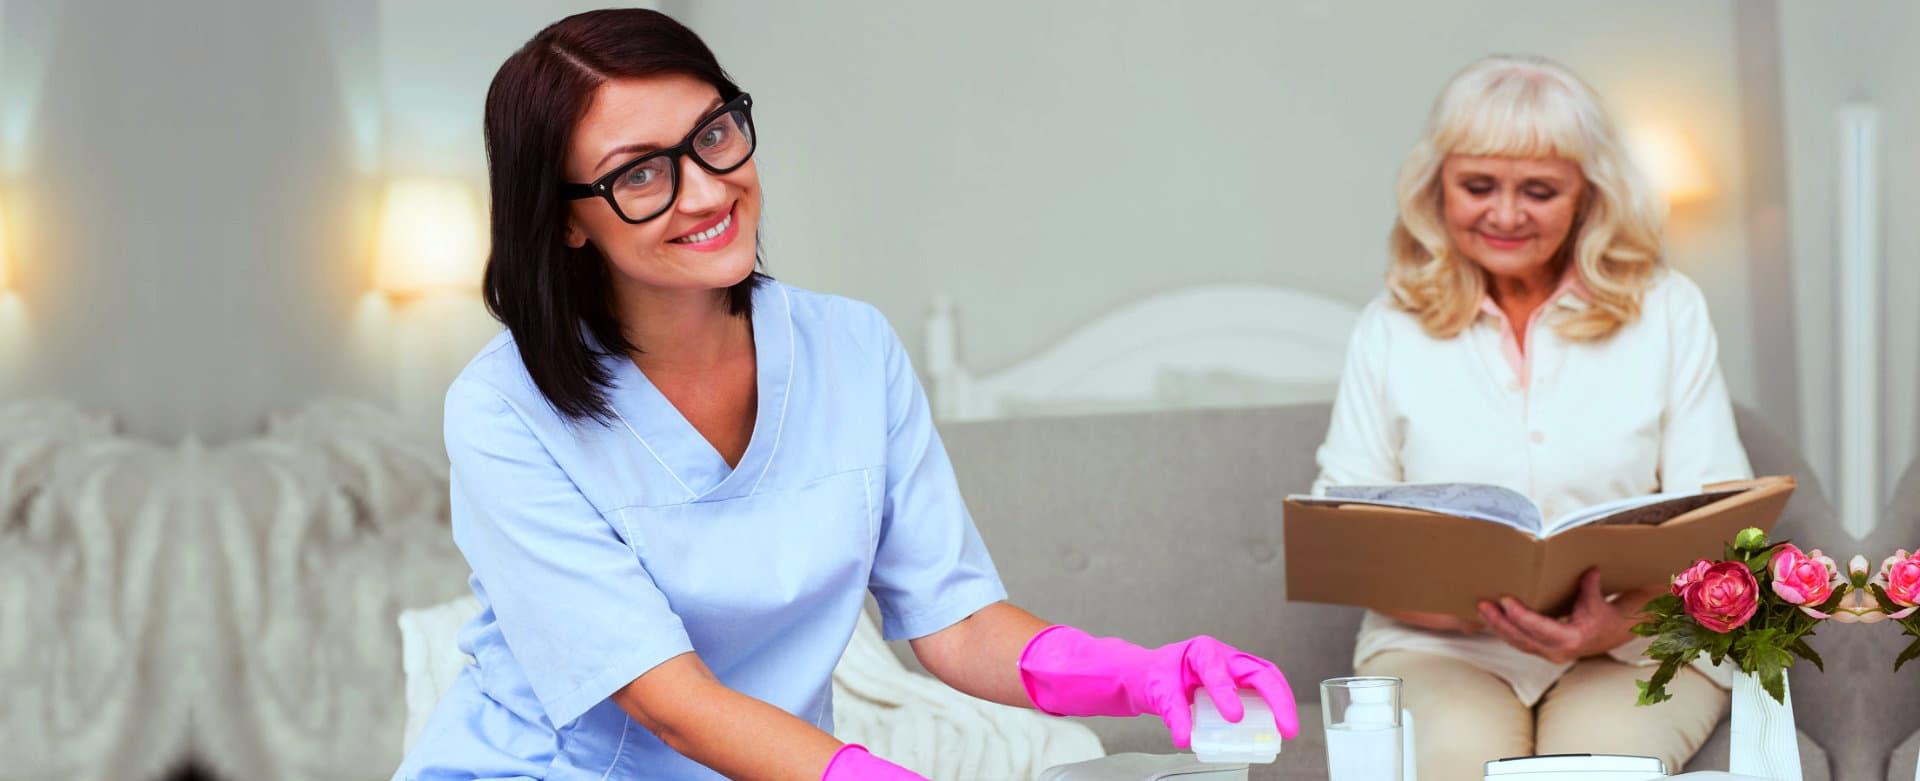 female caregiver smiling